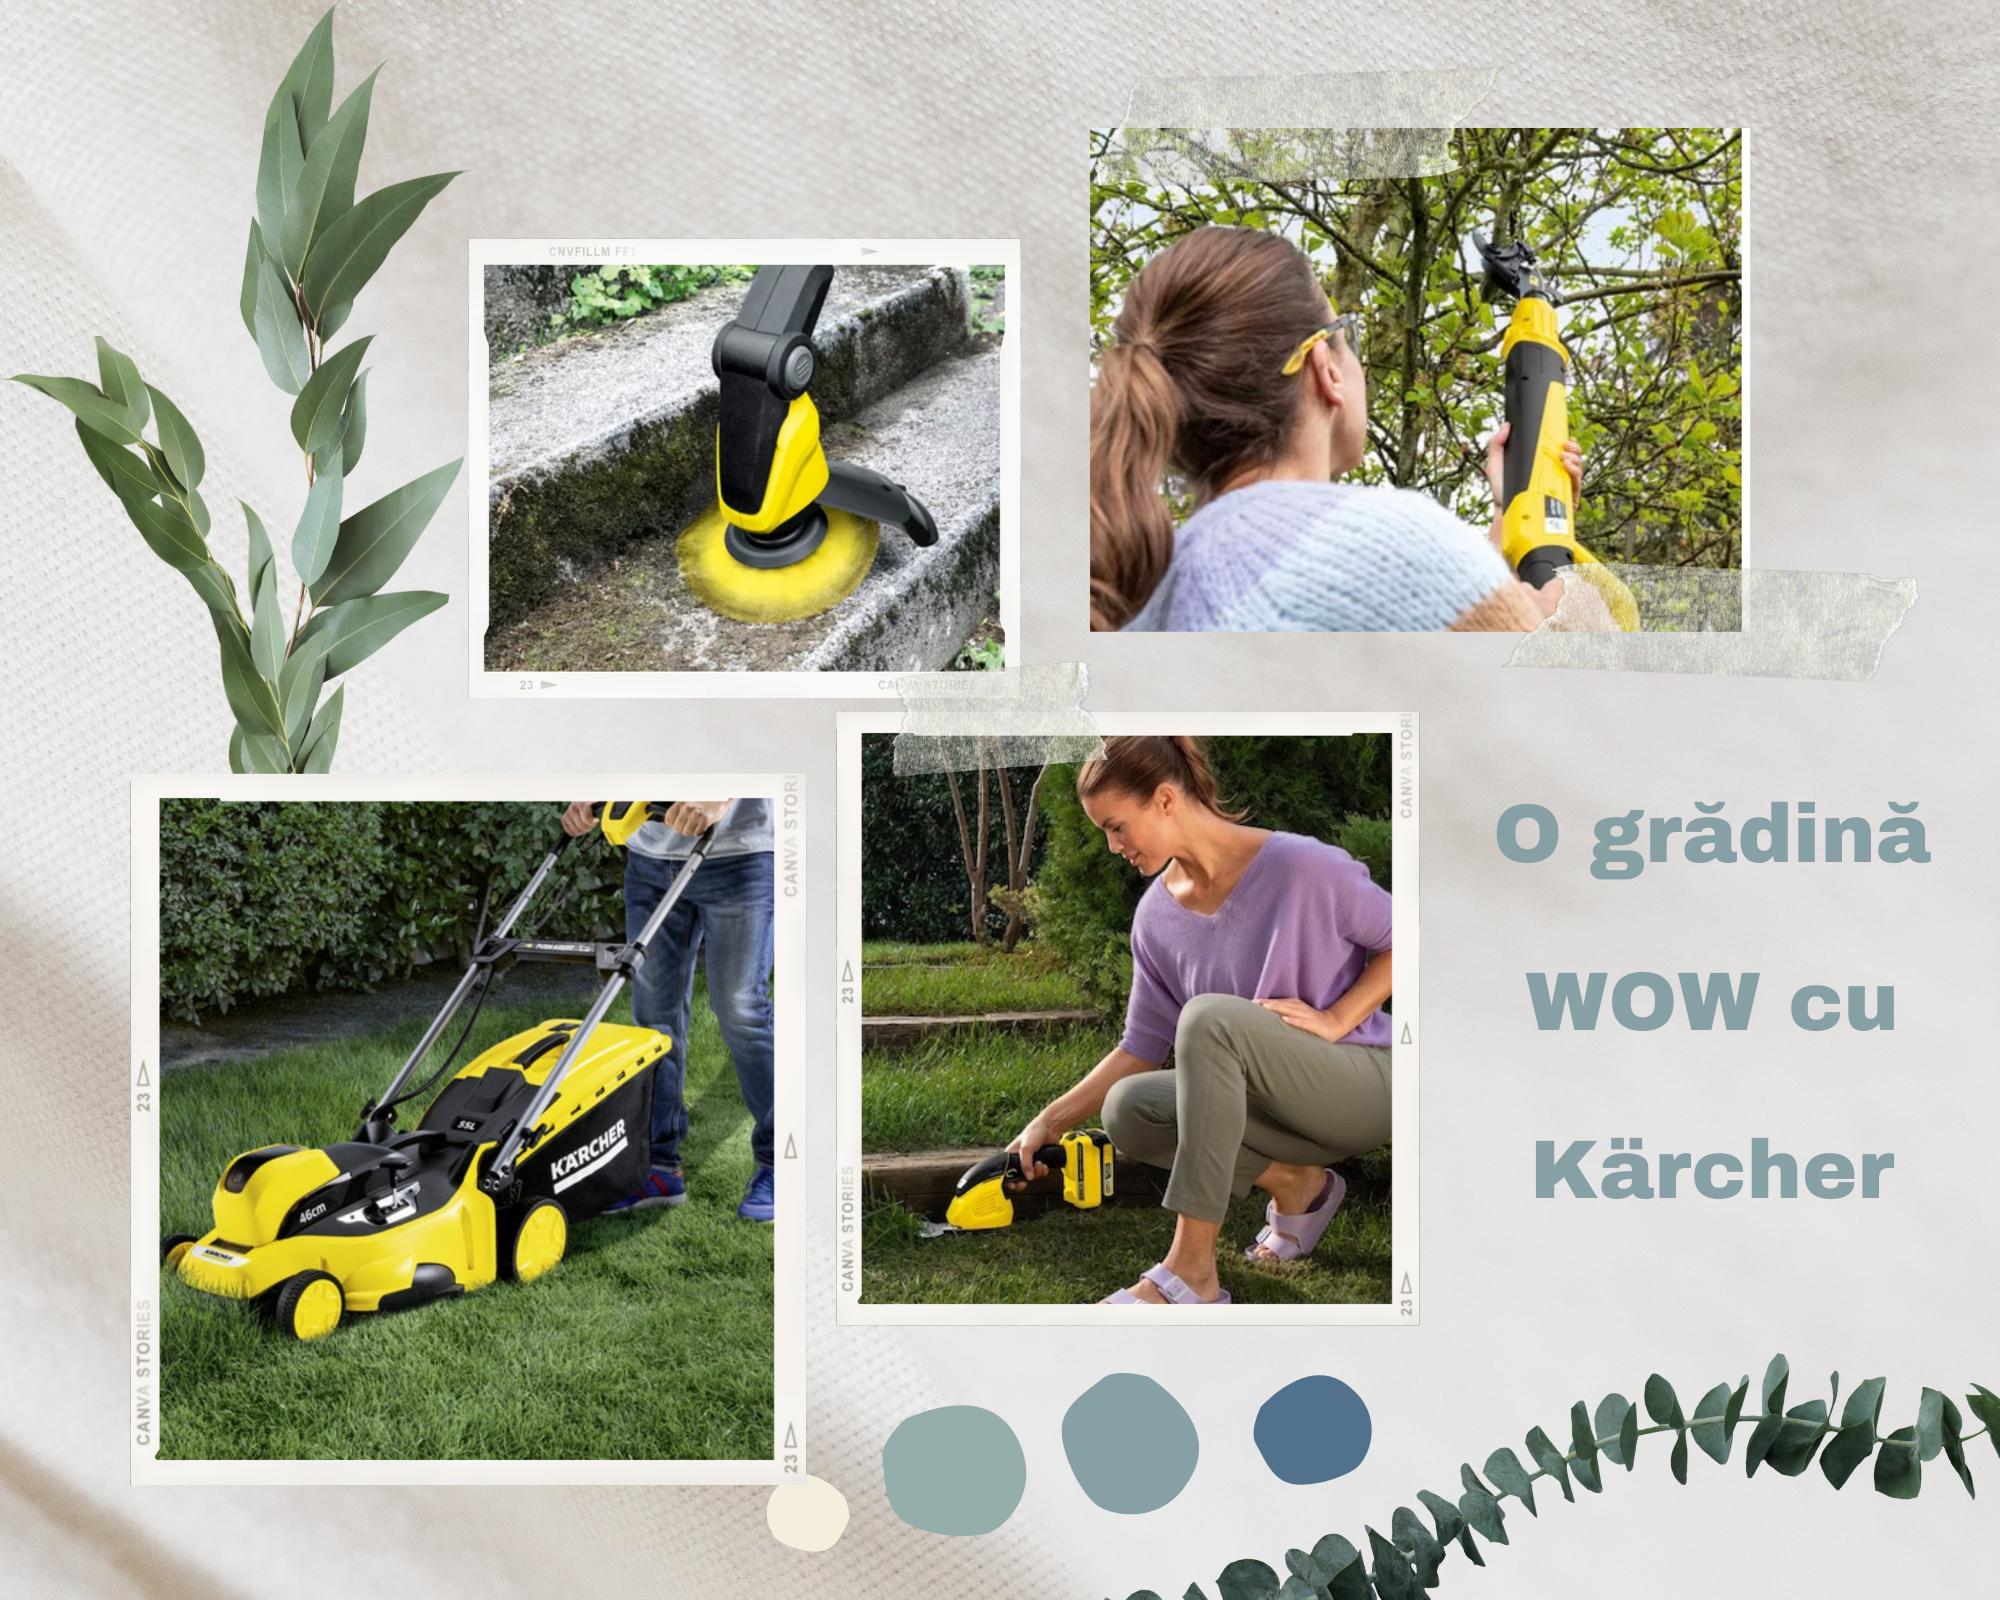 O grădină WOW cu ajutorul lui Kärcher